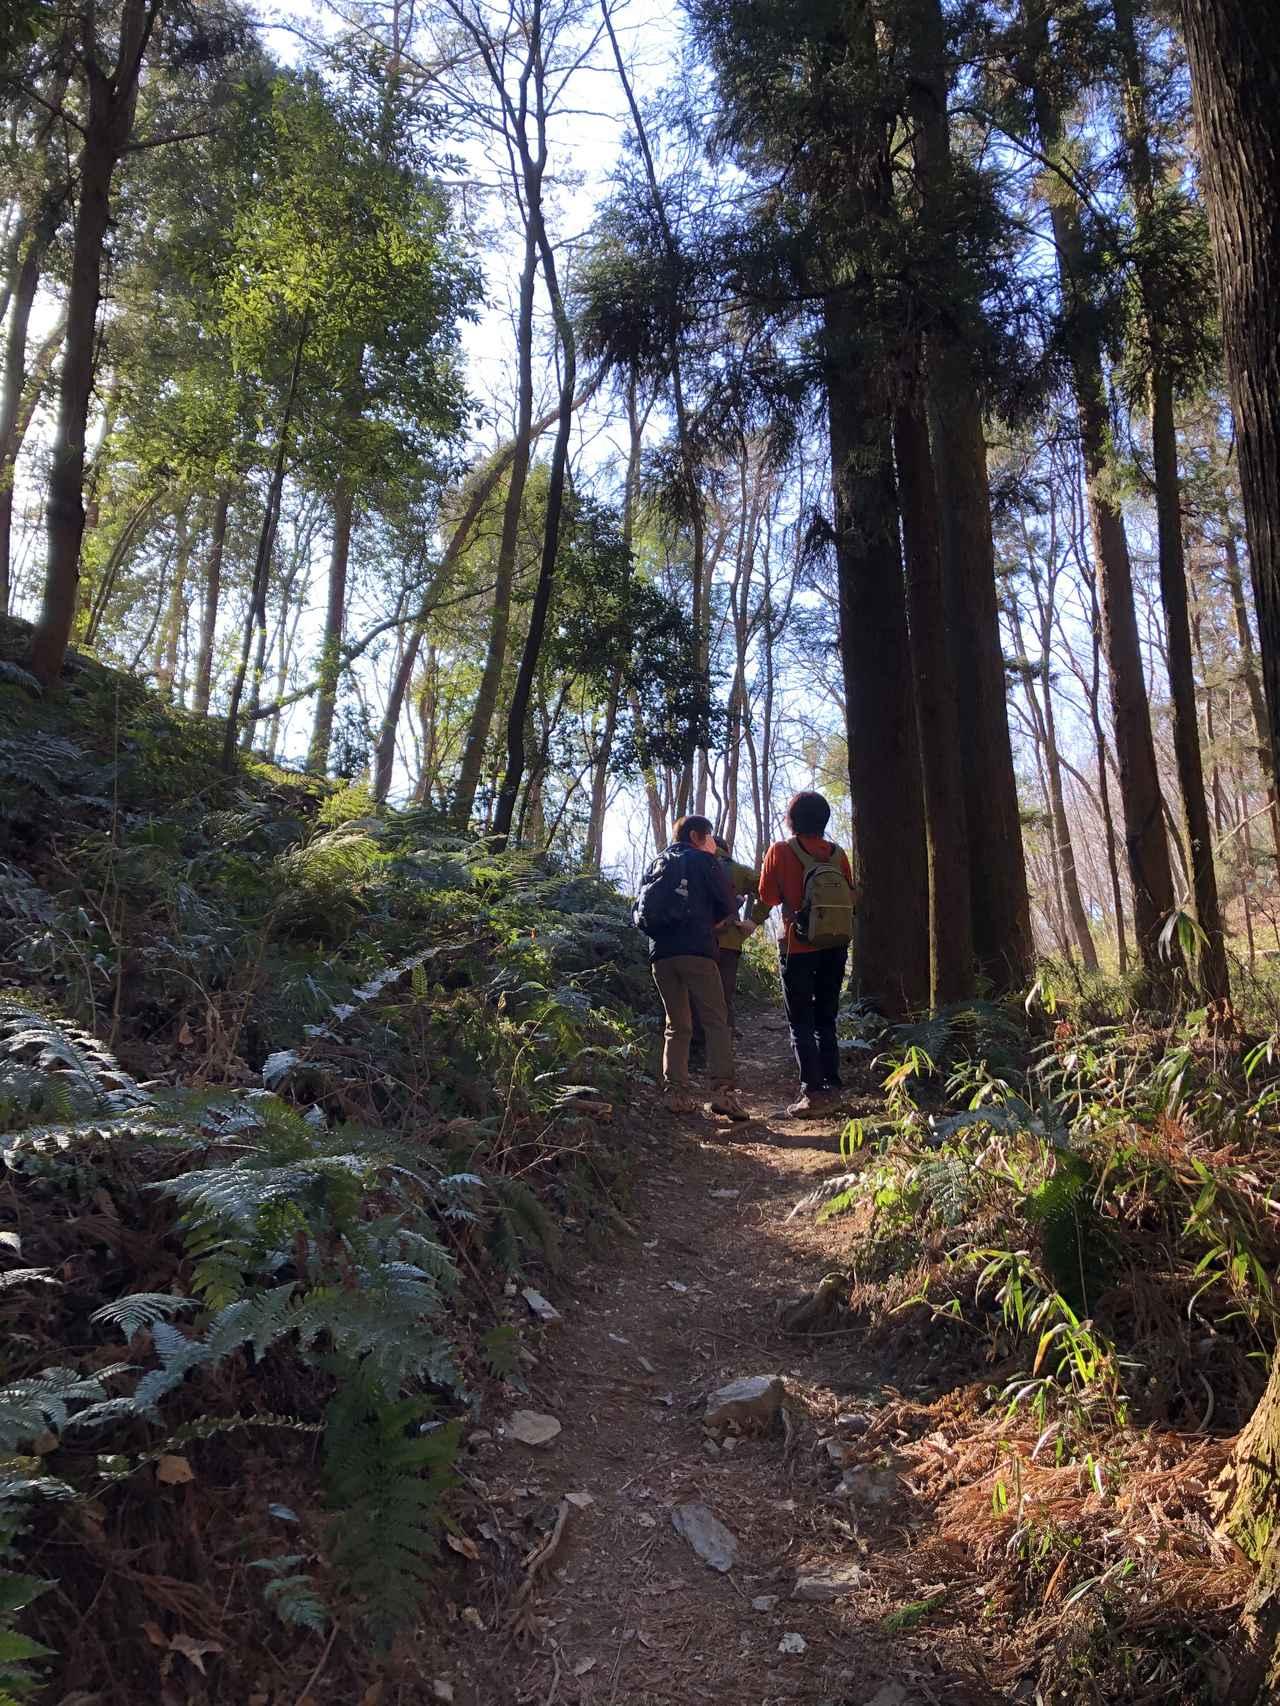 画像2: 宝登山の蝋梅(ロウバイ)|見頃・アクセス・登山道を紹介【登山・ハイキング初心者におすすめ】